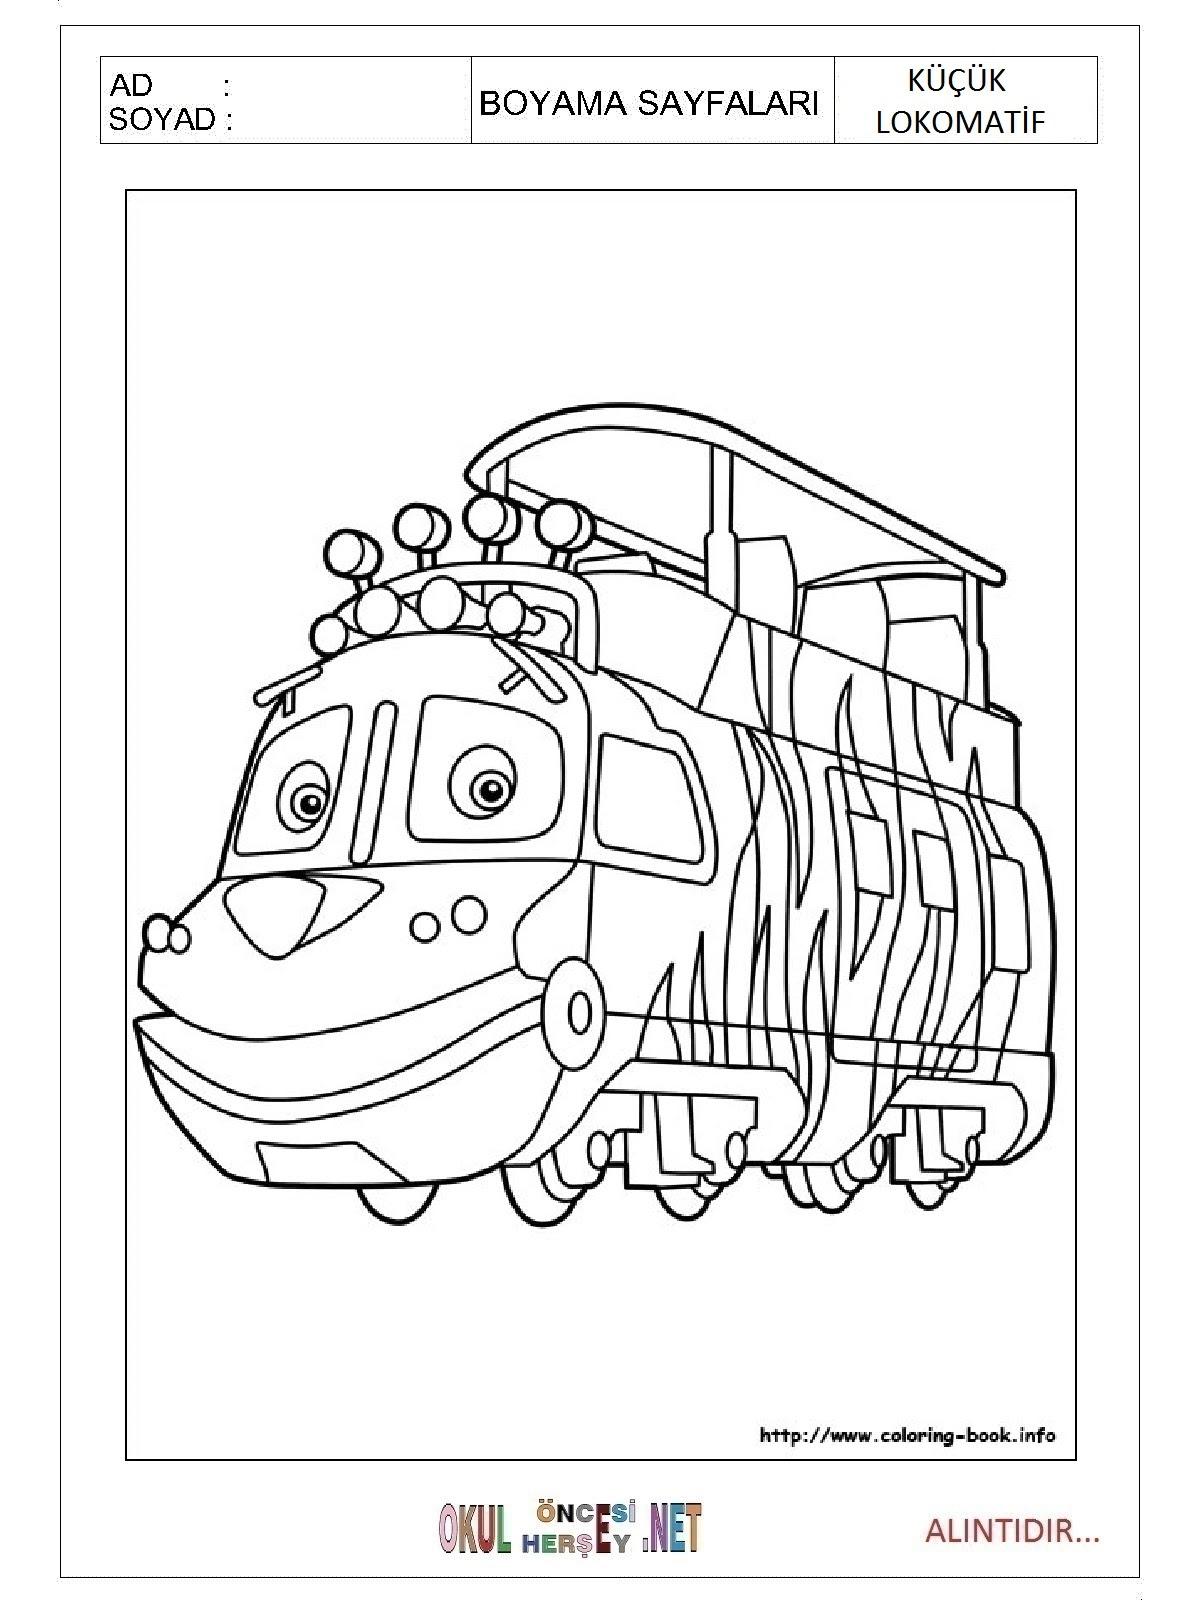 Küçük Lokomotif Boyama Sayfaları